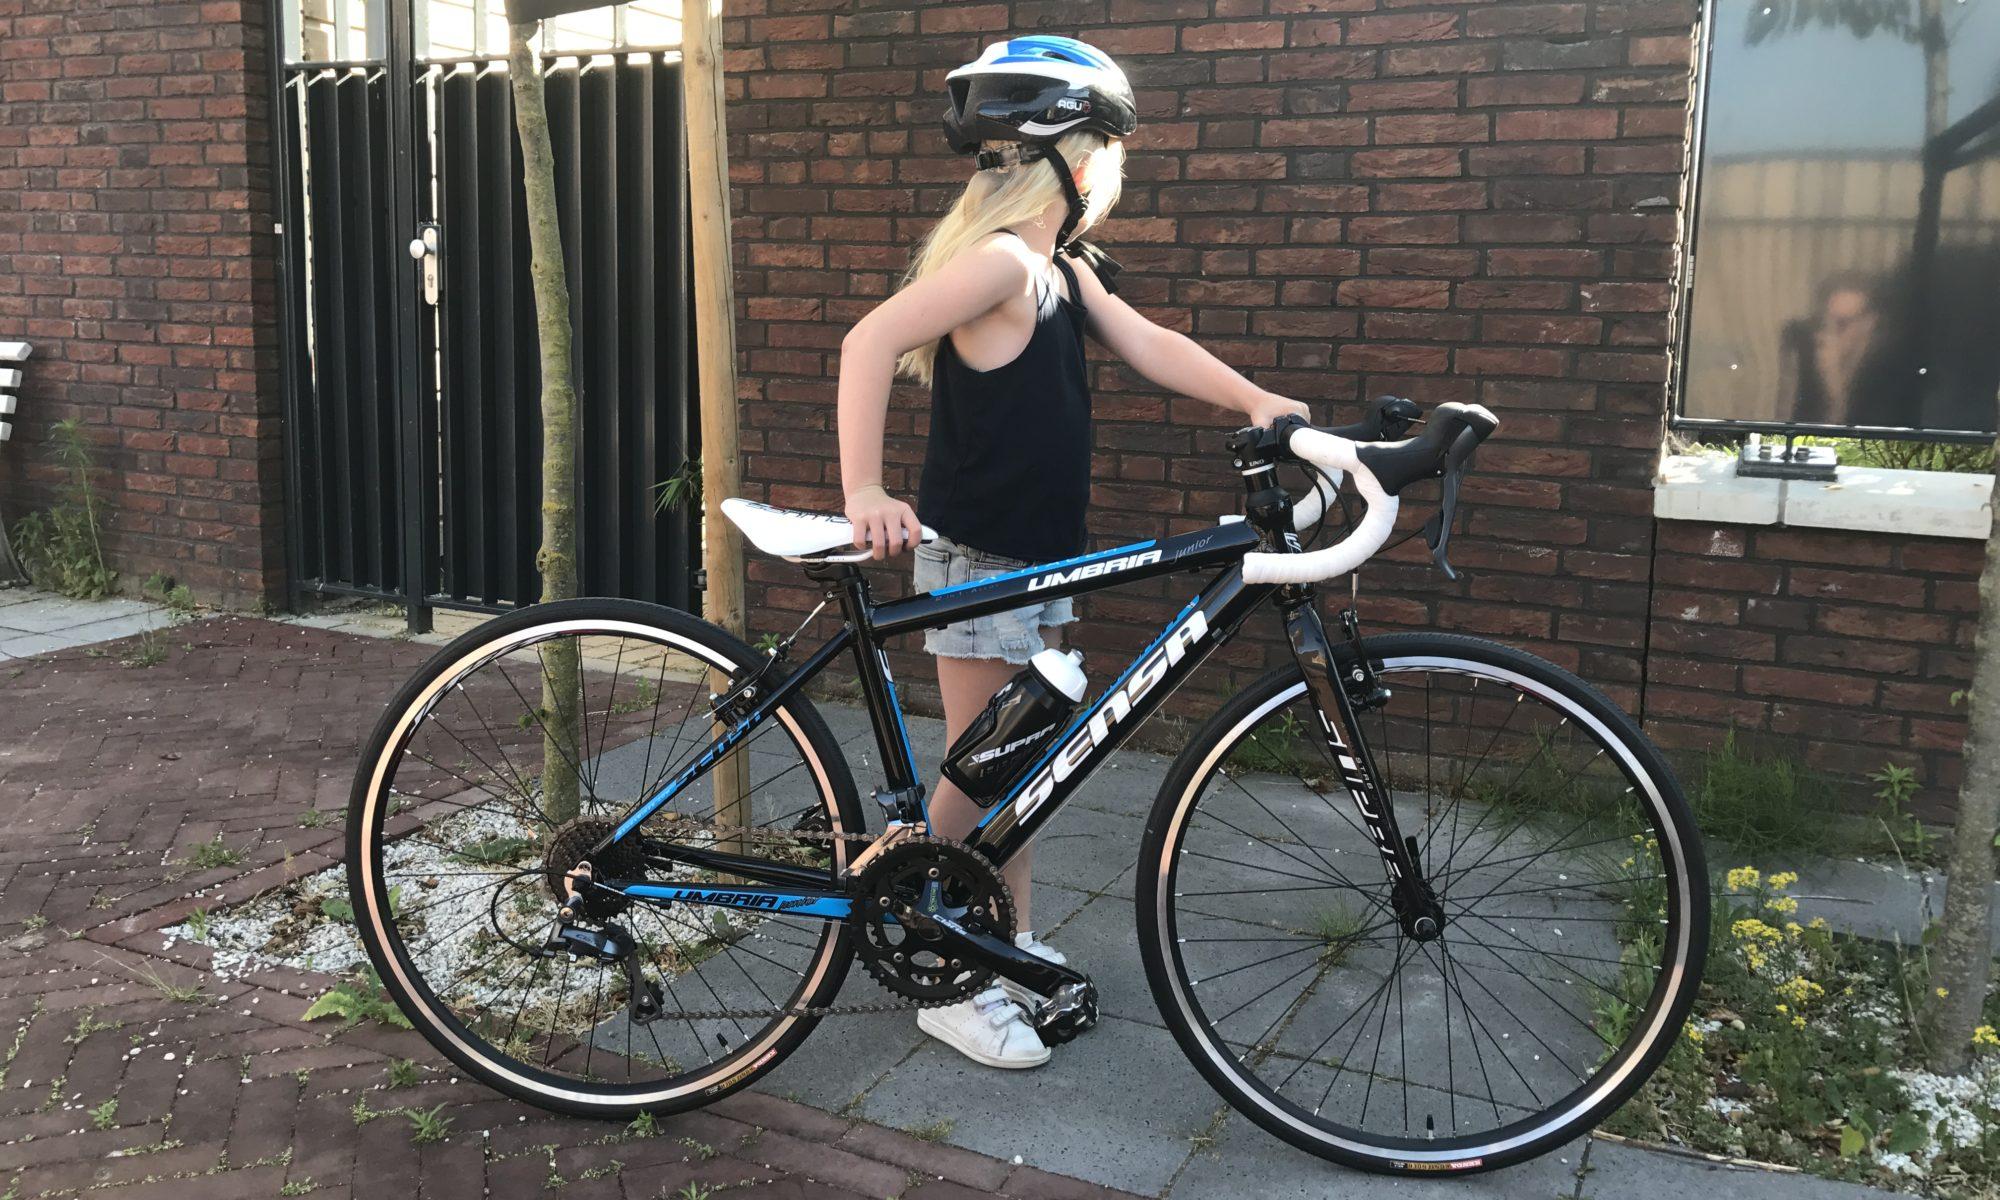 De eerste keer fietsen met je zoon of dochter is echt onbeschrijfelijk mooi